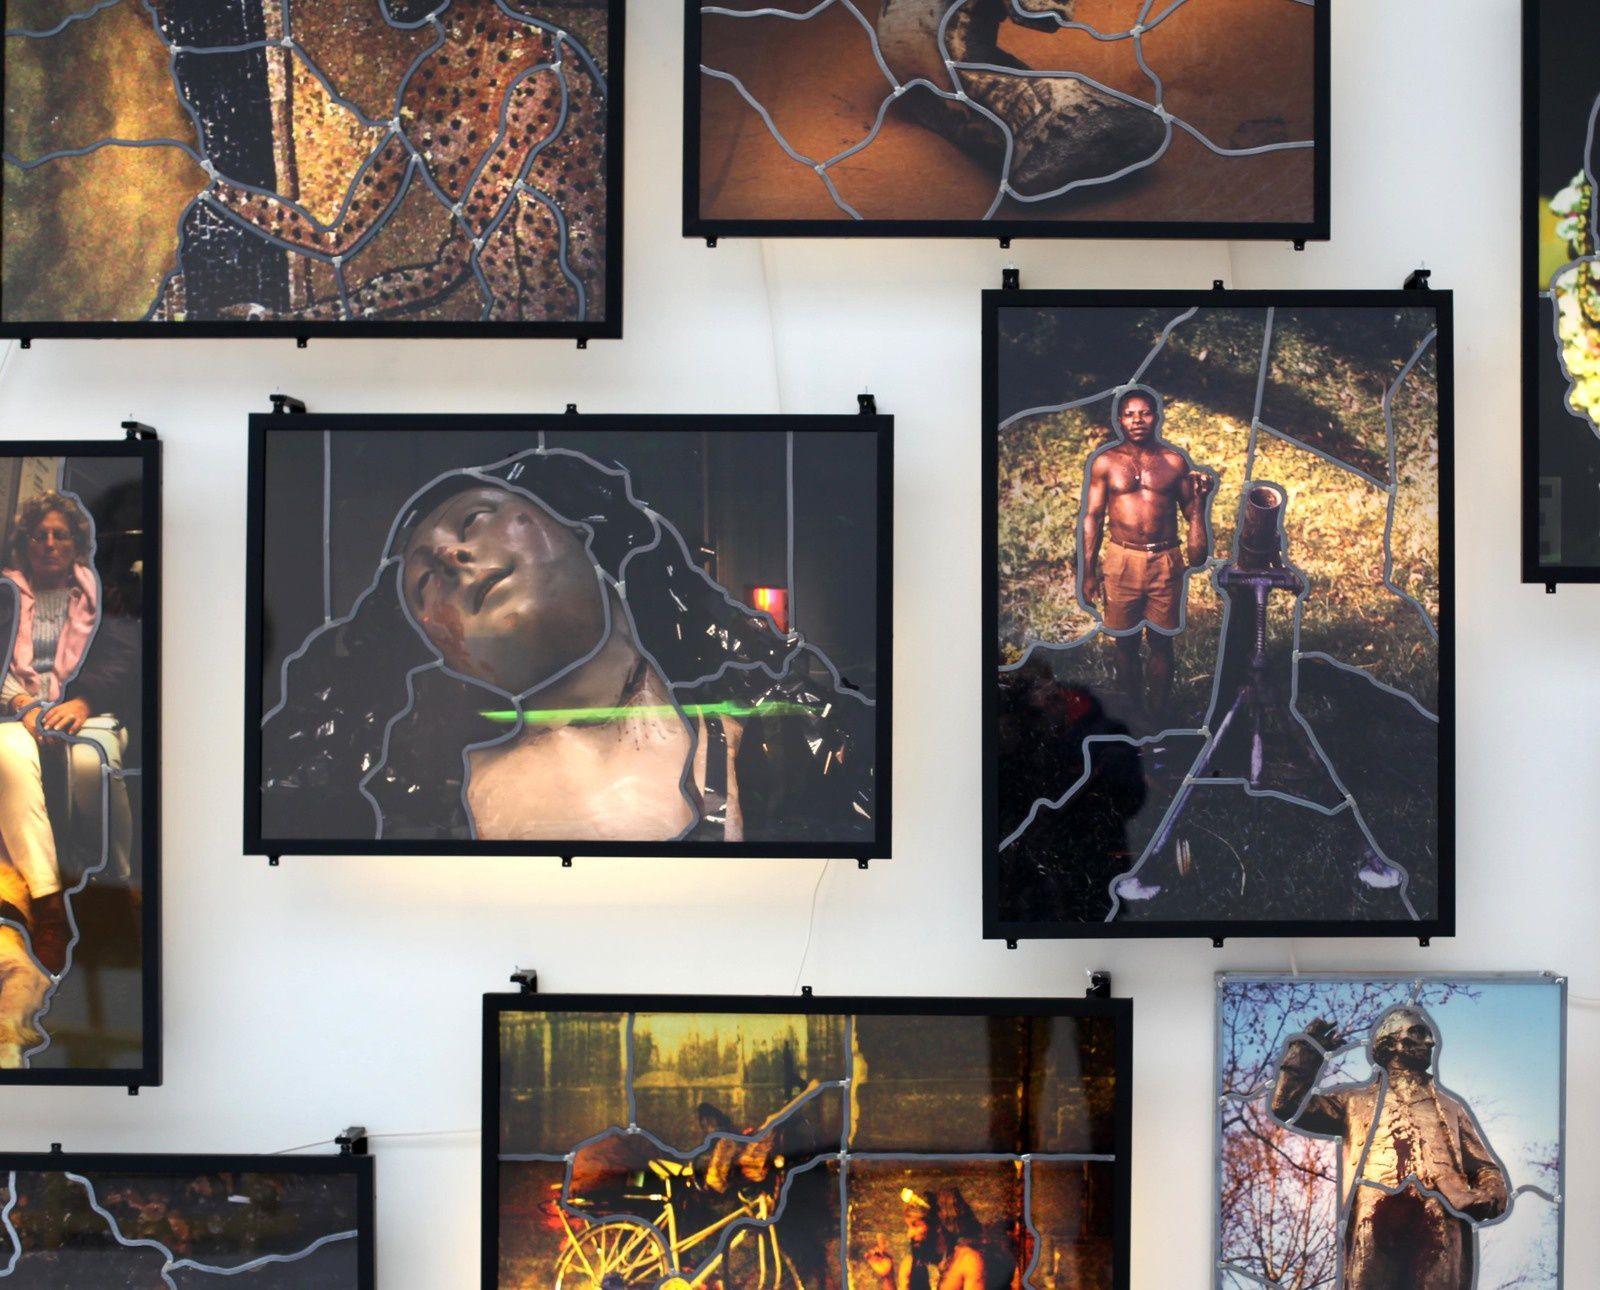 """""""Sculpture de martyre aux films"""", 2012 et """"Soldat africain"""", 2012 de SARKIS - Courtesy Galerie Nathalie Obadia © Photo Éric Simon"""